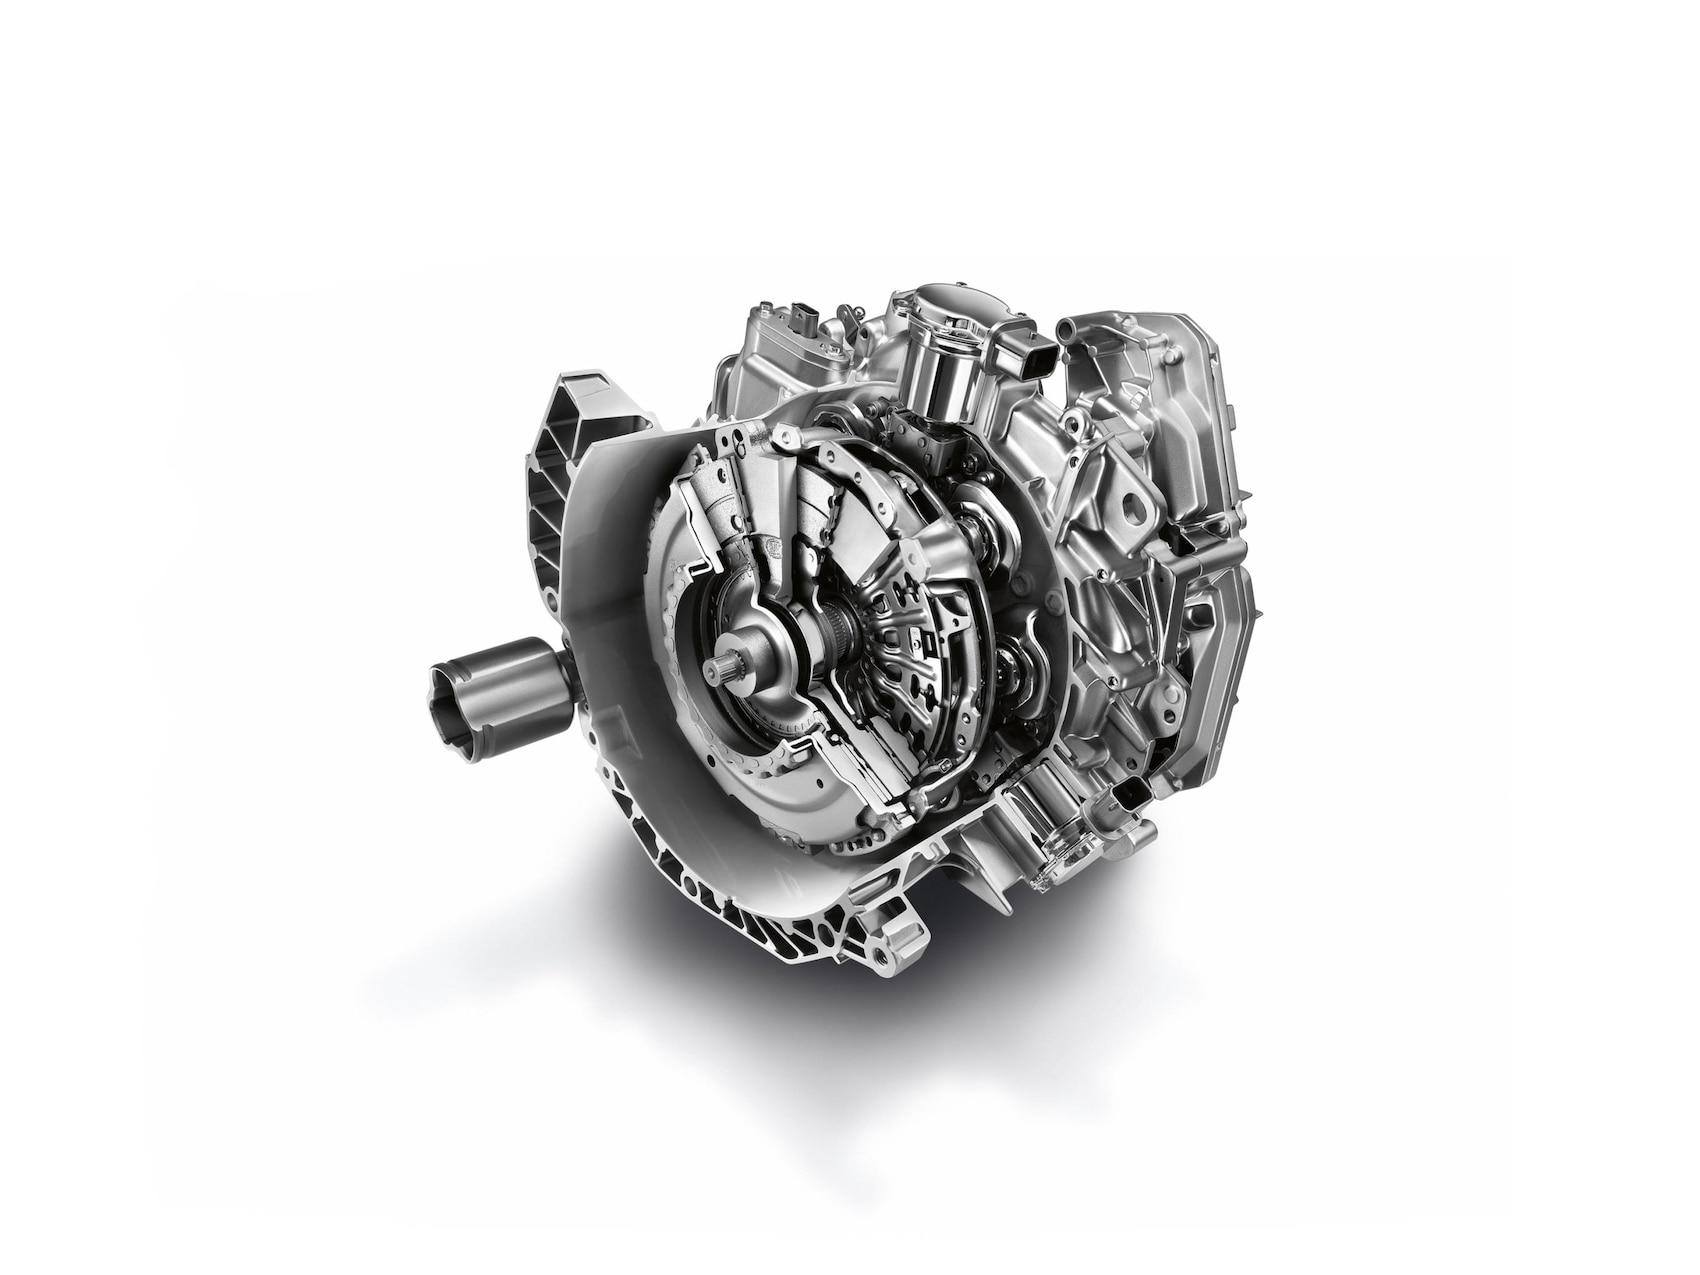 Abbildung zeigt das 6-Gang-Dopplungsgetriebe mit twinamic der Modelle von smart.